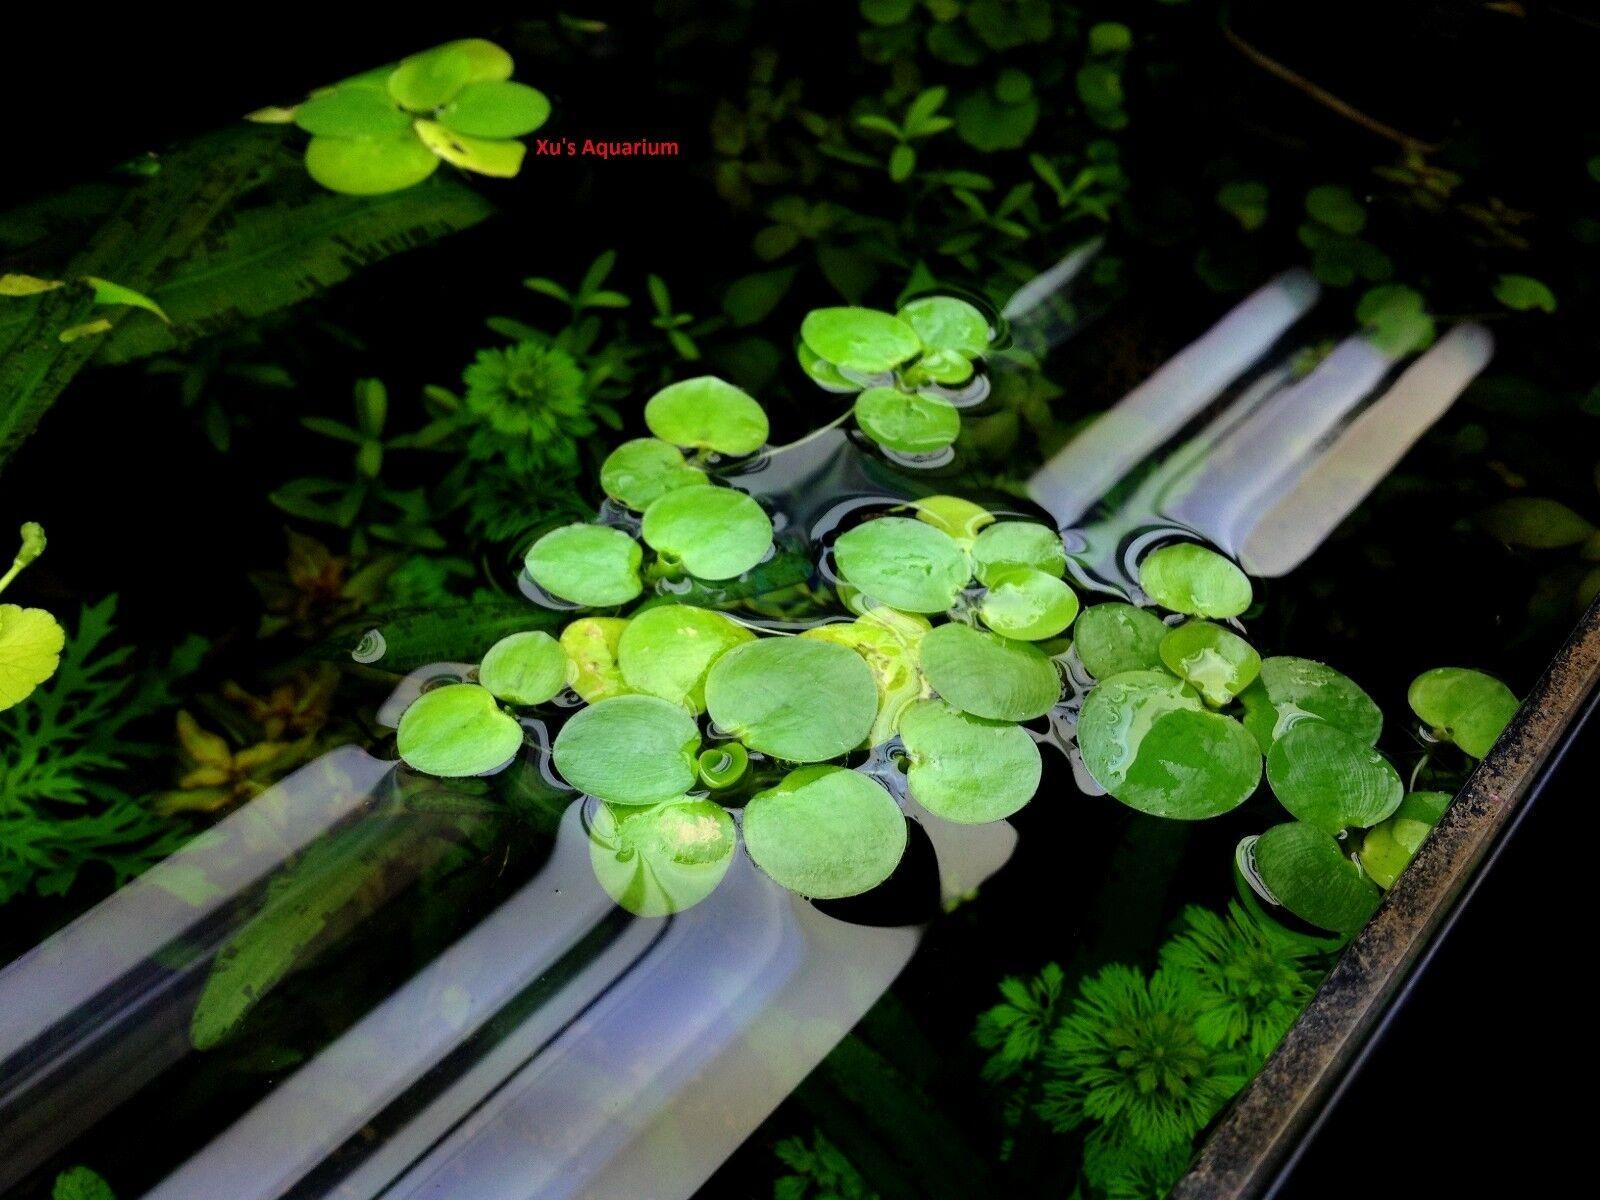 плавающие аквариумные растения фото и описание джинсы велики талии